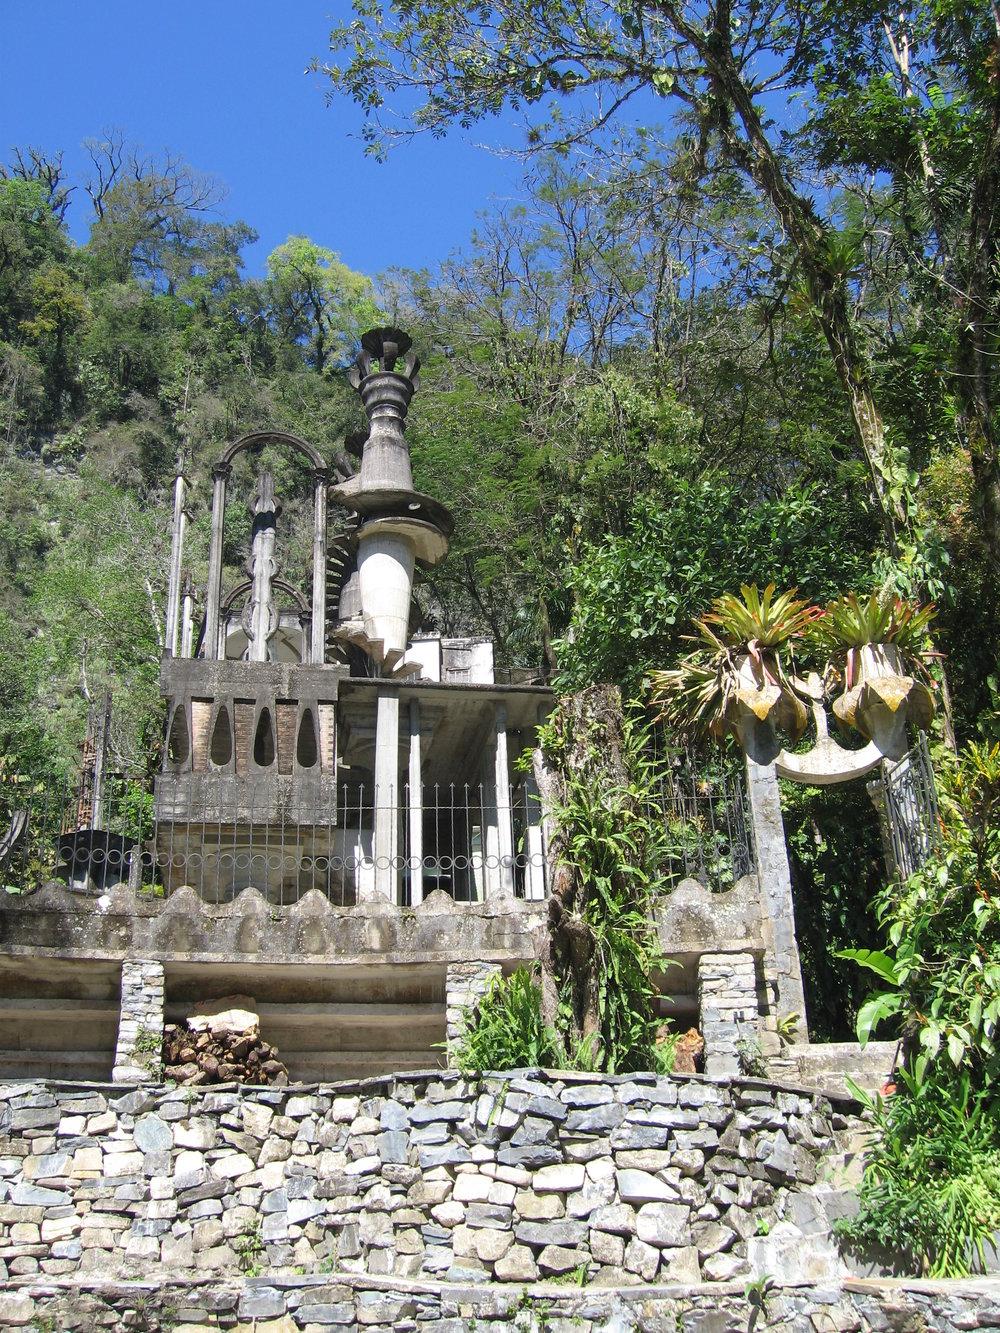 MEXICO - Las Pozas, Xilitla, San Luis Potosí